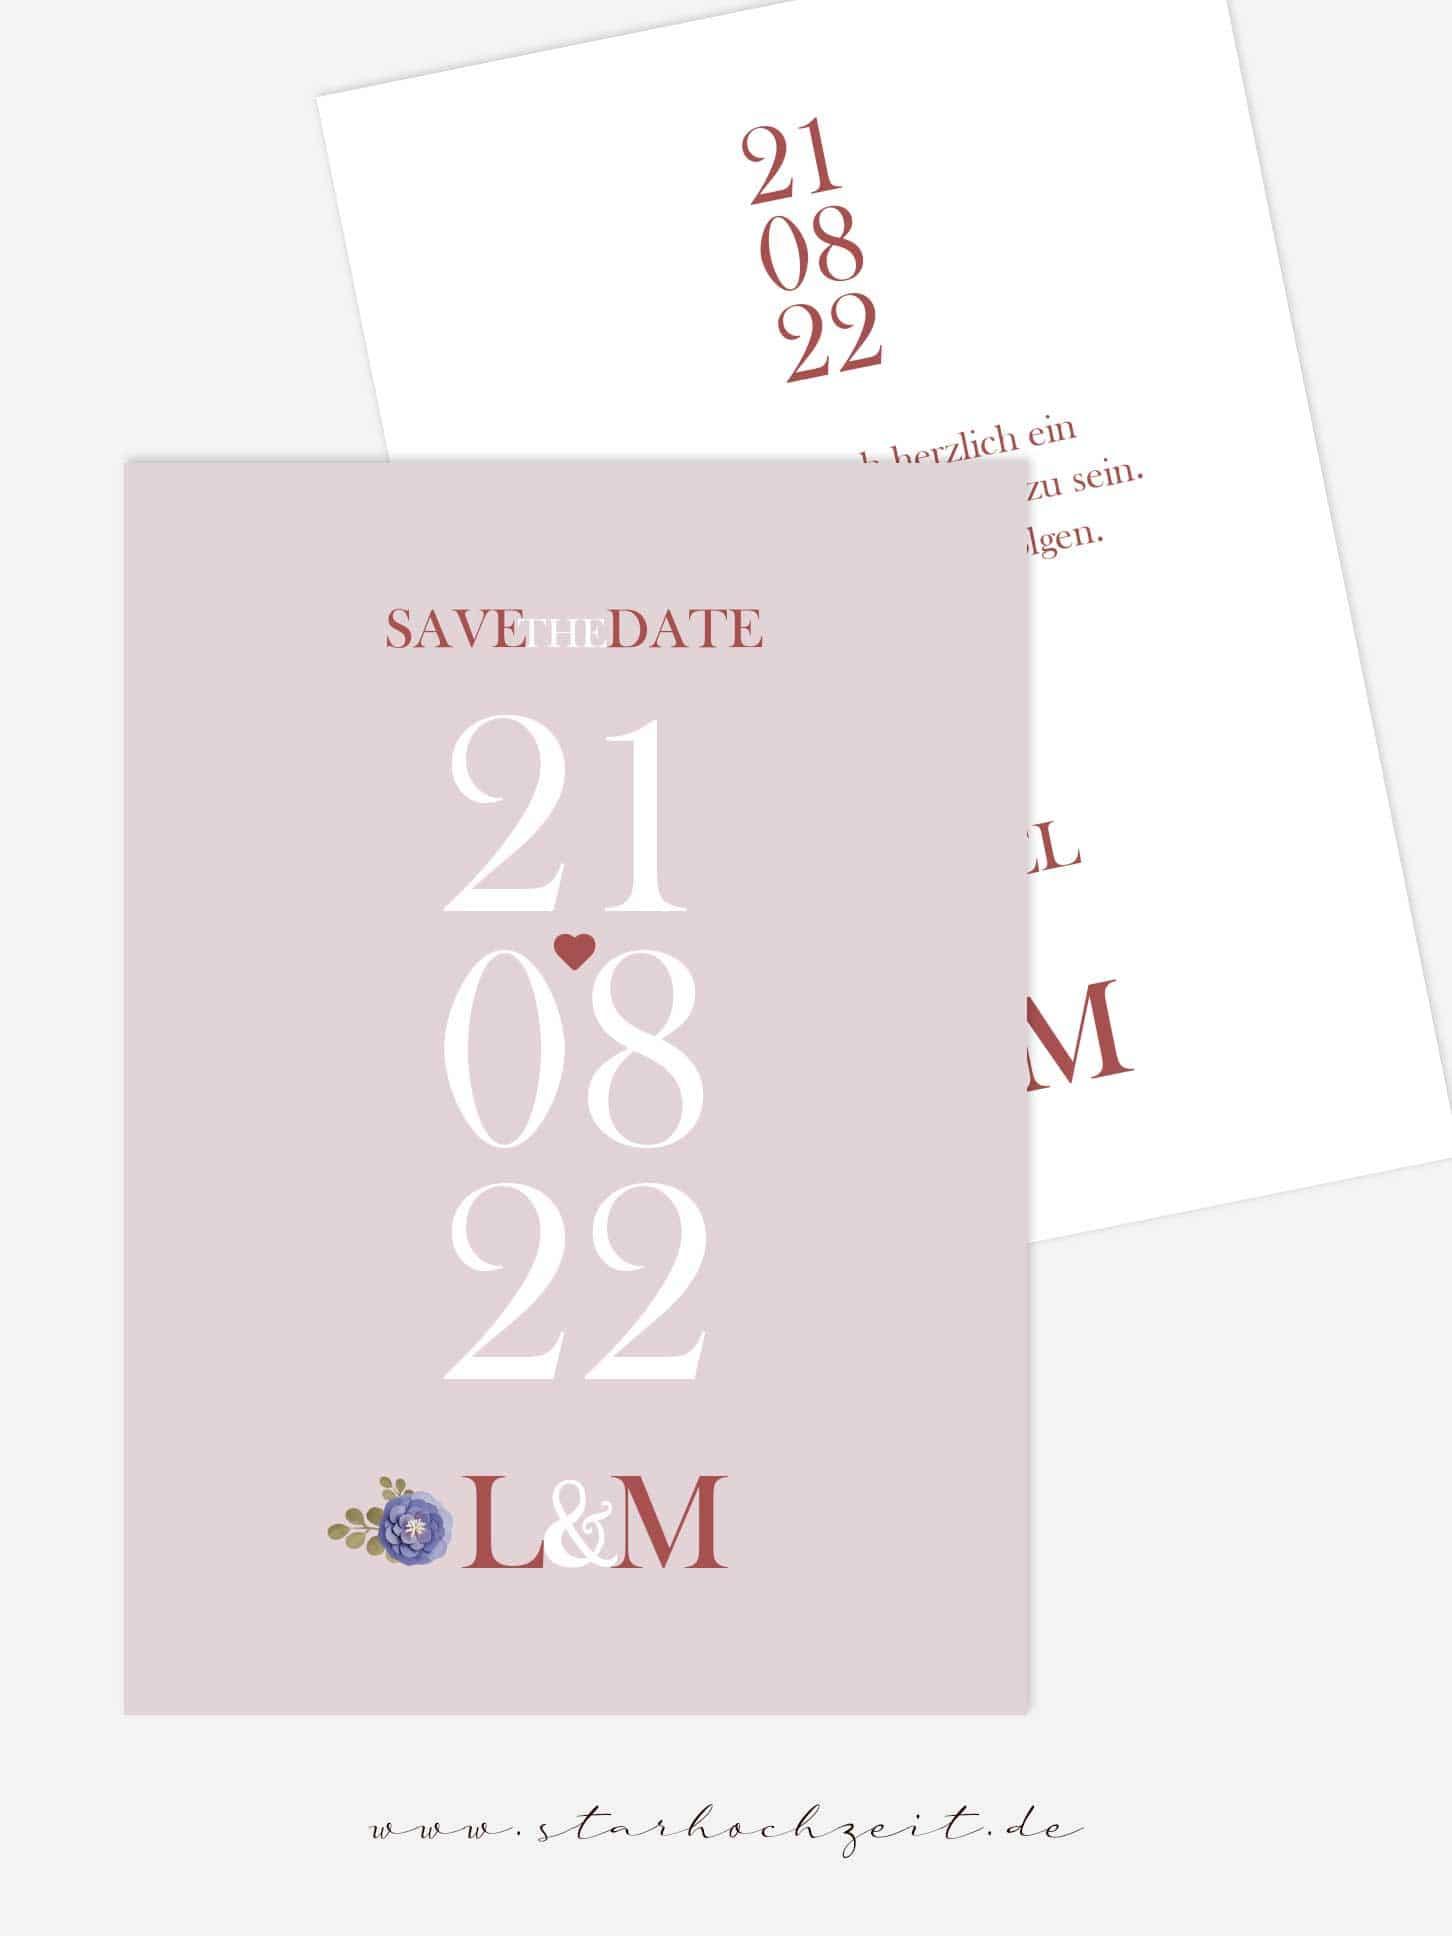 Save the Date Karten, Hochzeitseinladung, Blush, Rosa, Rosé, Kupfer, Hochzeitsdatum, Initialien, Blumen